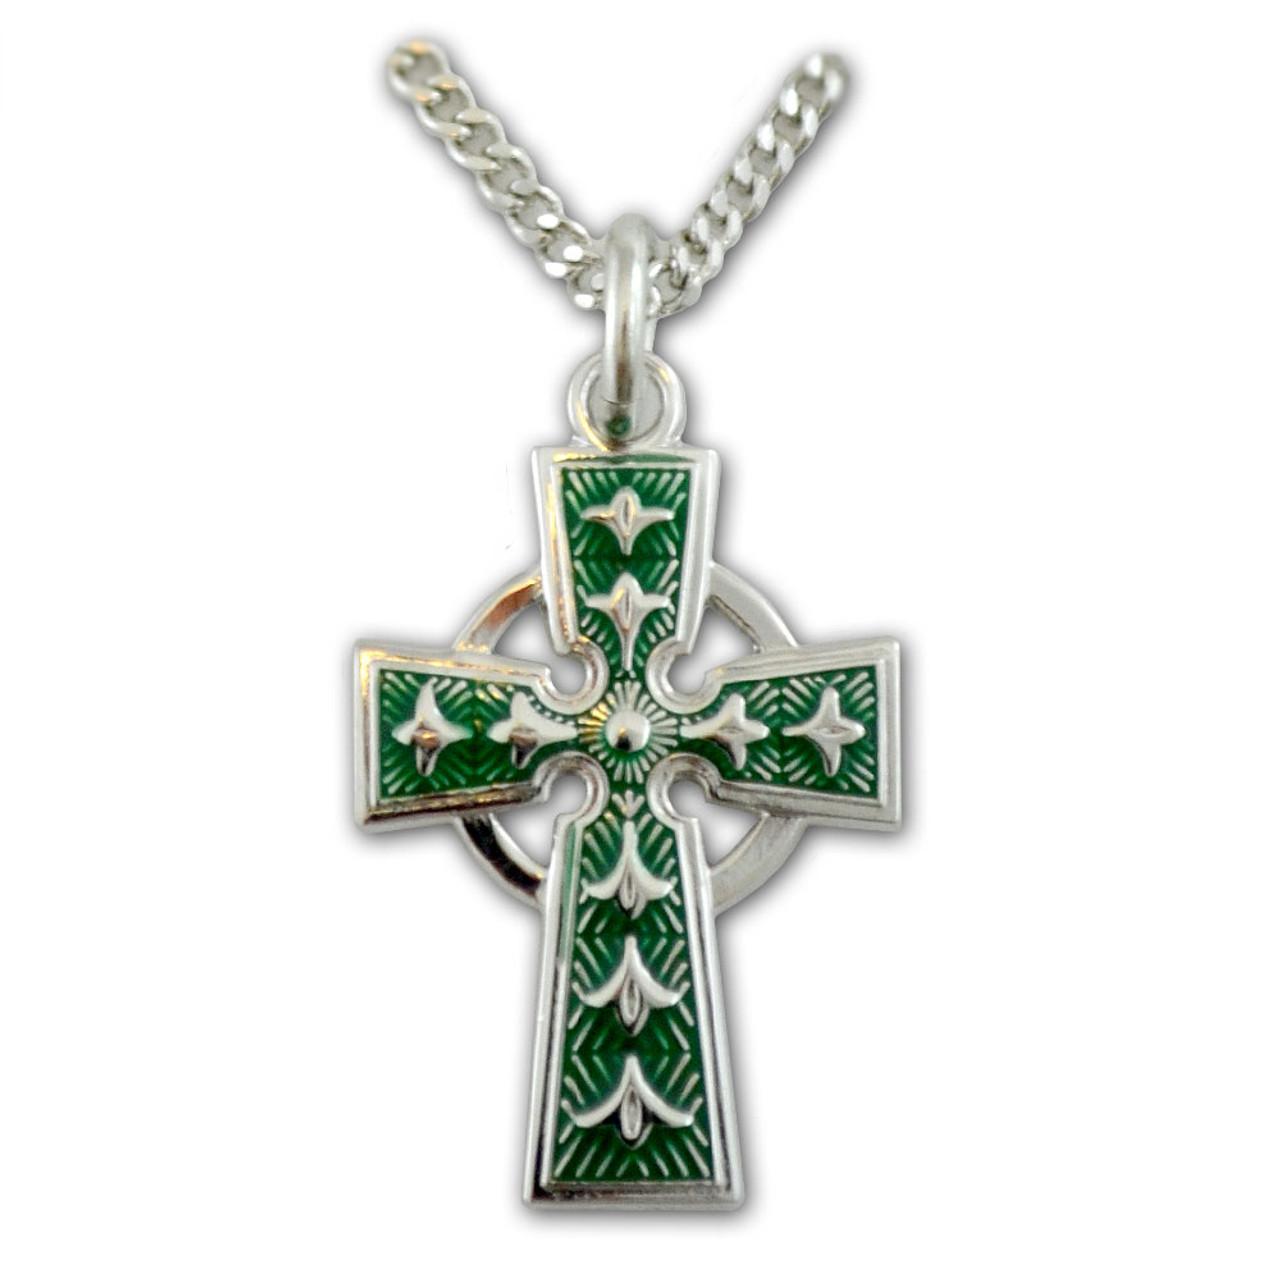 Necklace Celtic Cross w/Enamel Detail 18 IN Chain